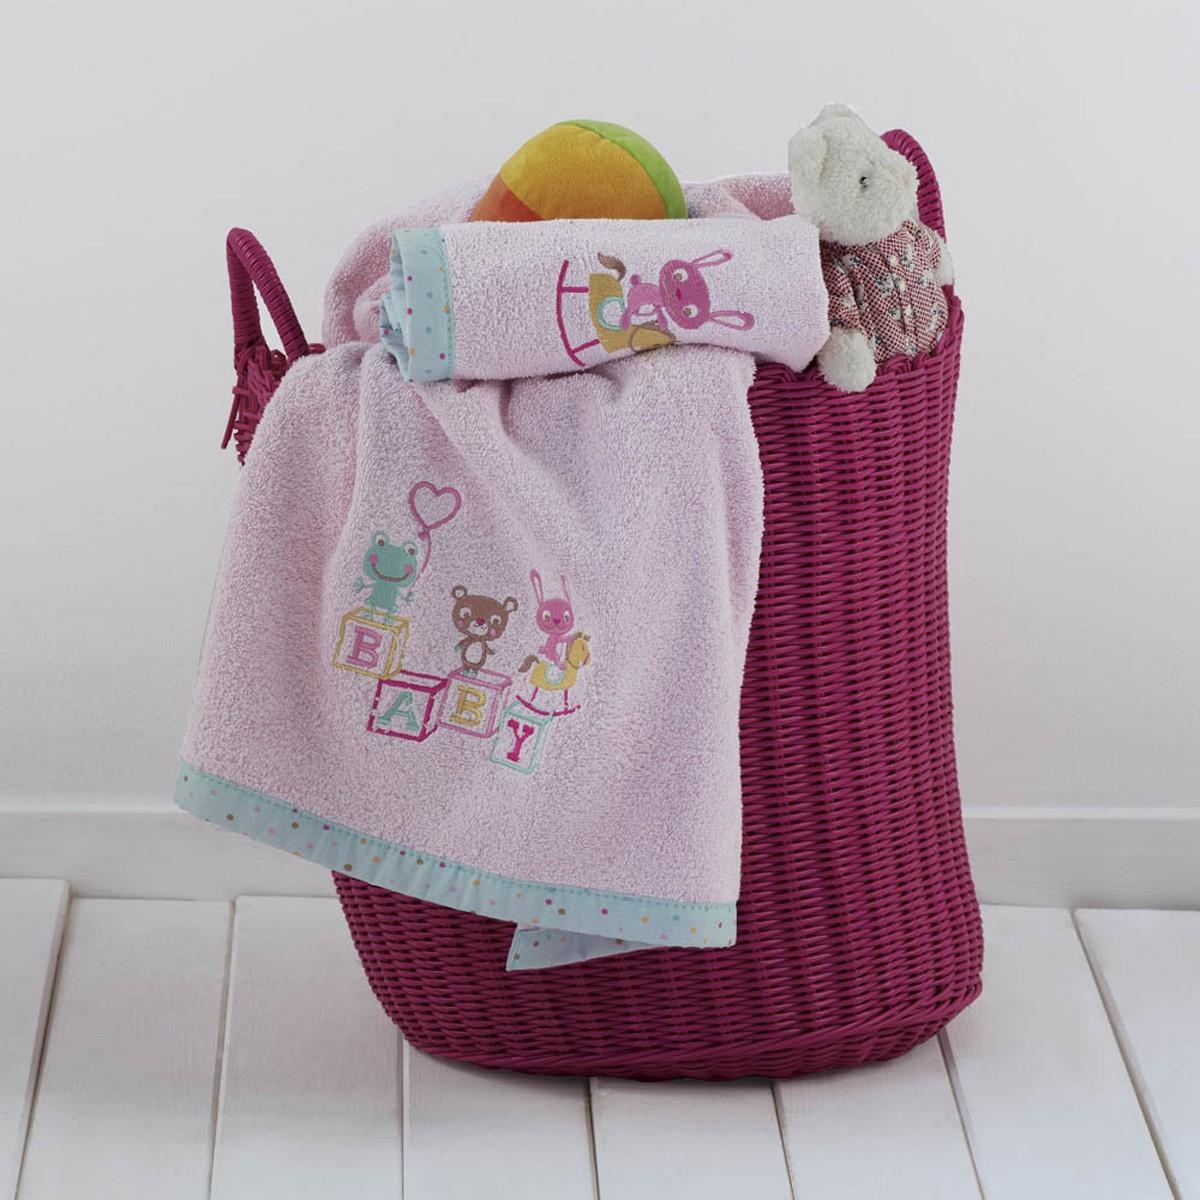 Βρεφικές Πετσέτες (Σετ 2τμχ) Kentia Baby Cube